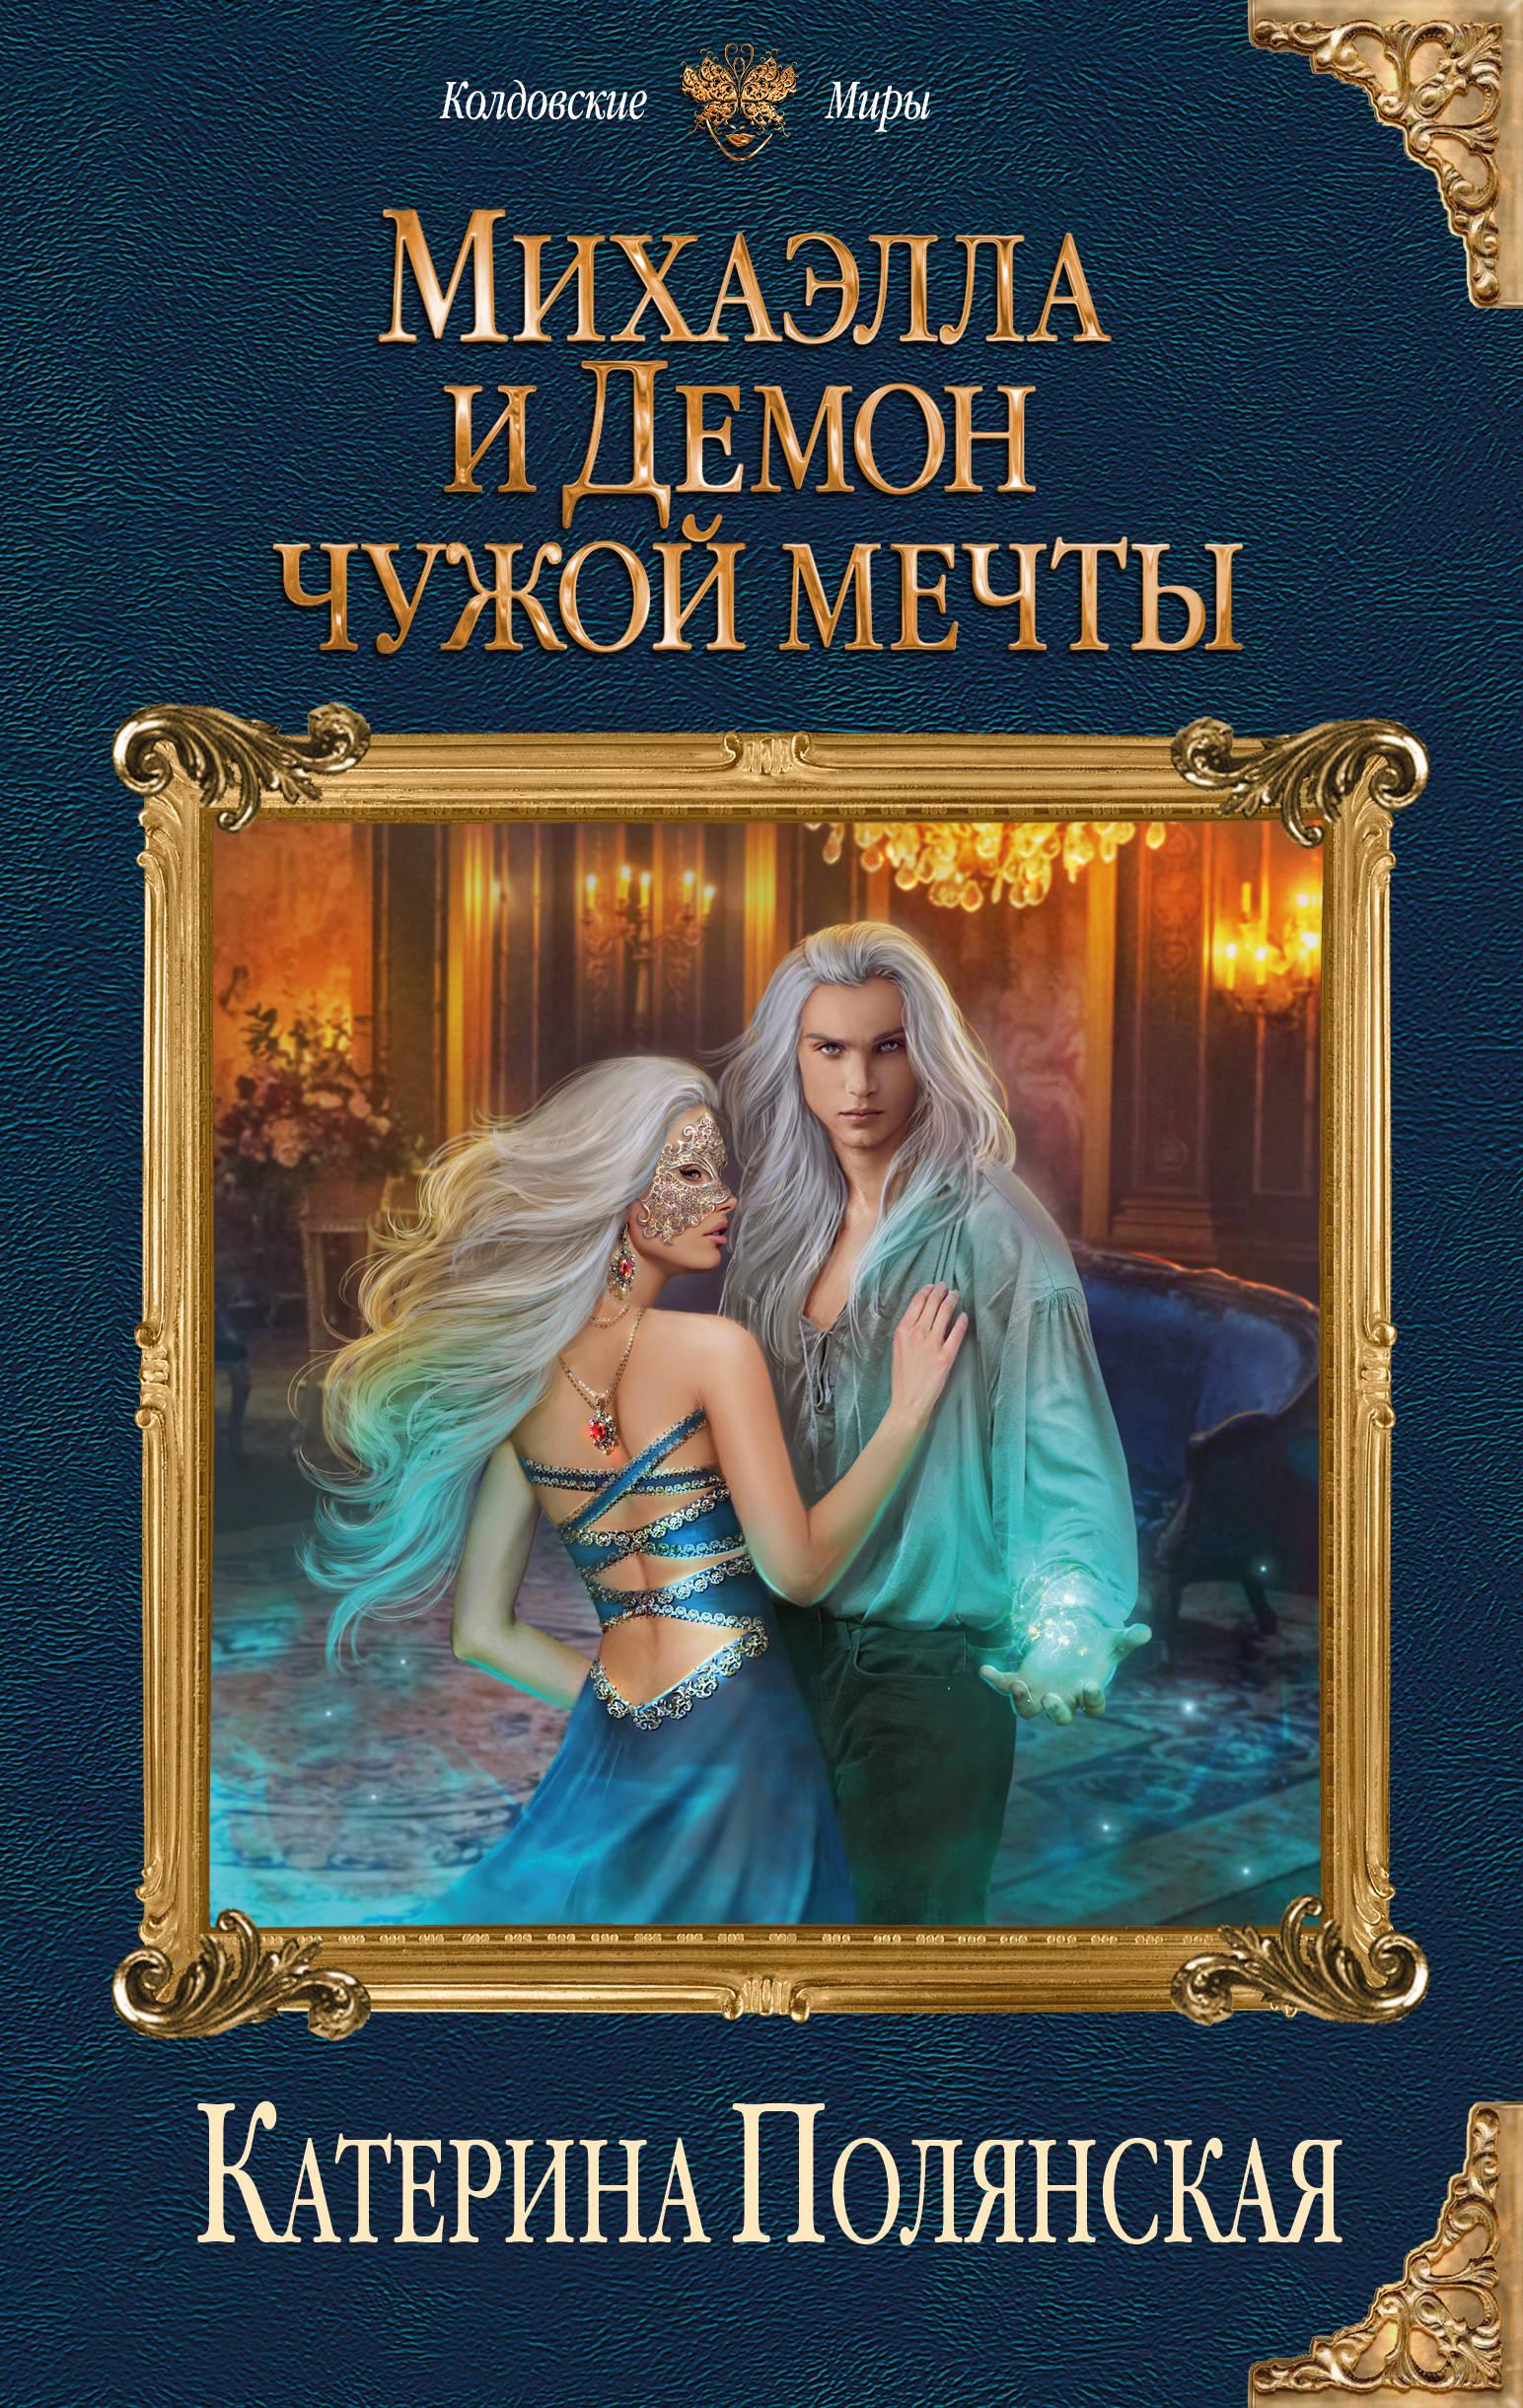 Катерина Полянская Михаэлла и Демон чужой мечты игрушки злые